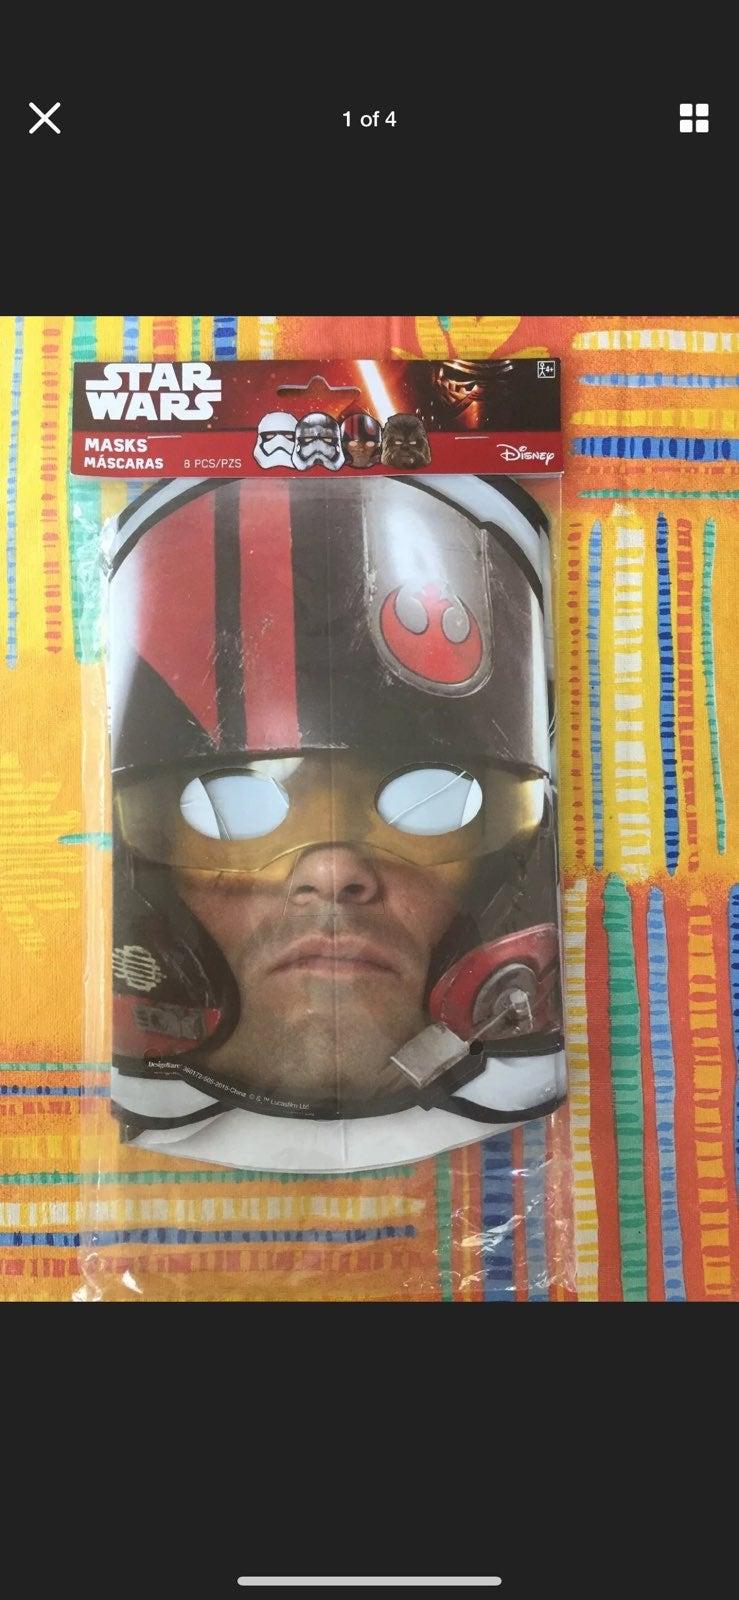 Star Wars™ Episode VII Paper Masks